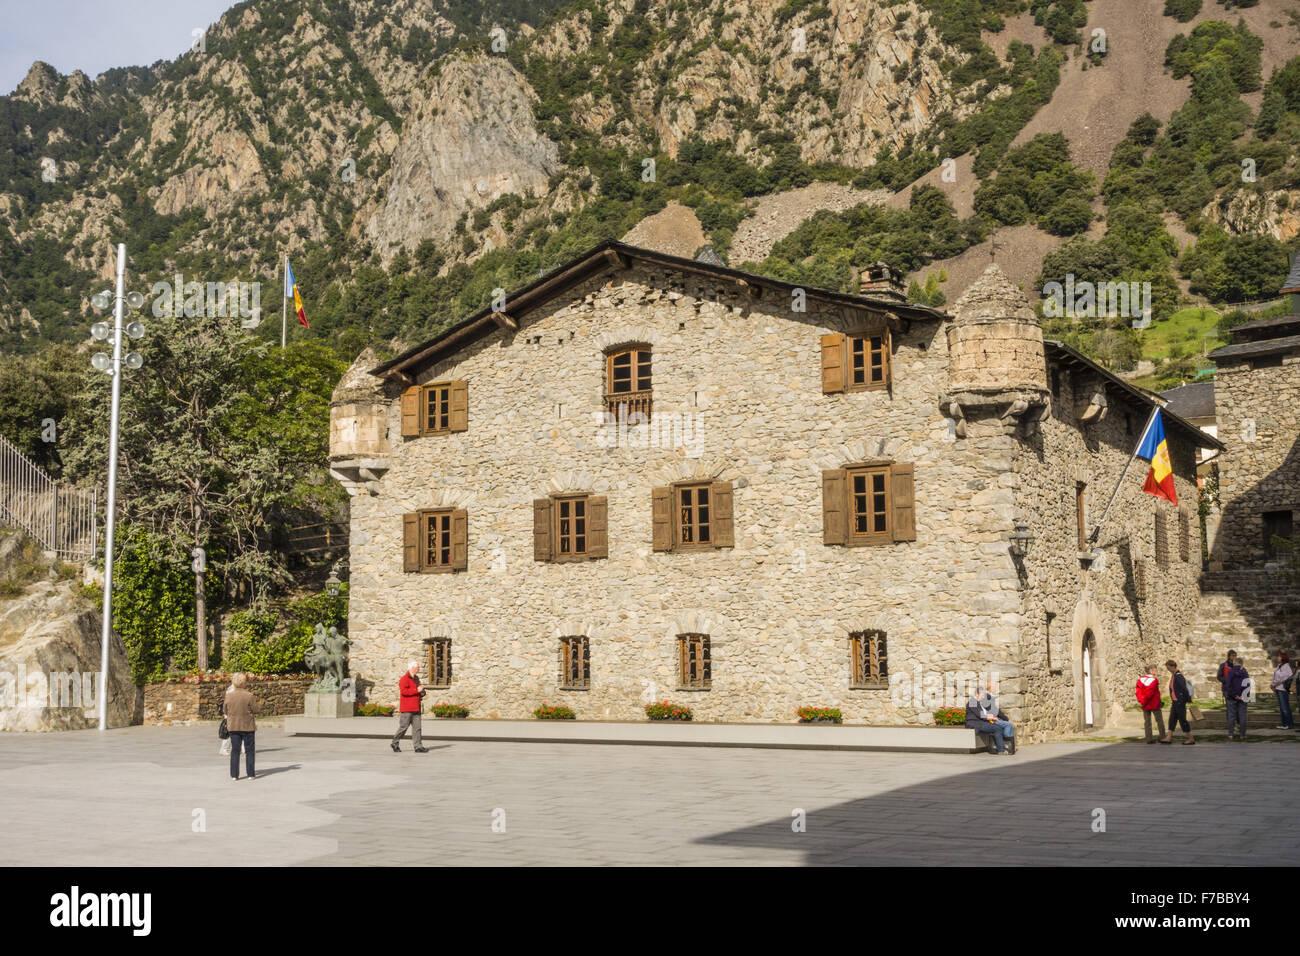 Casa de la Vall, old parlament, Andorra la Vella, capital city of Andorra, Andorra Stock Photo